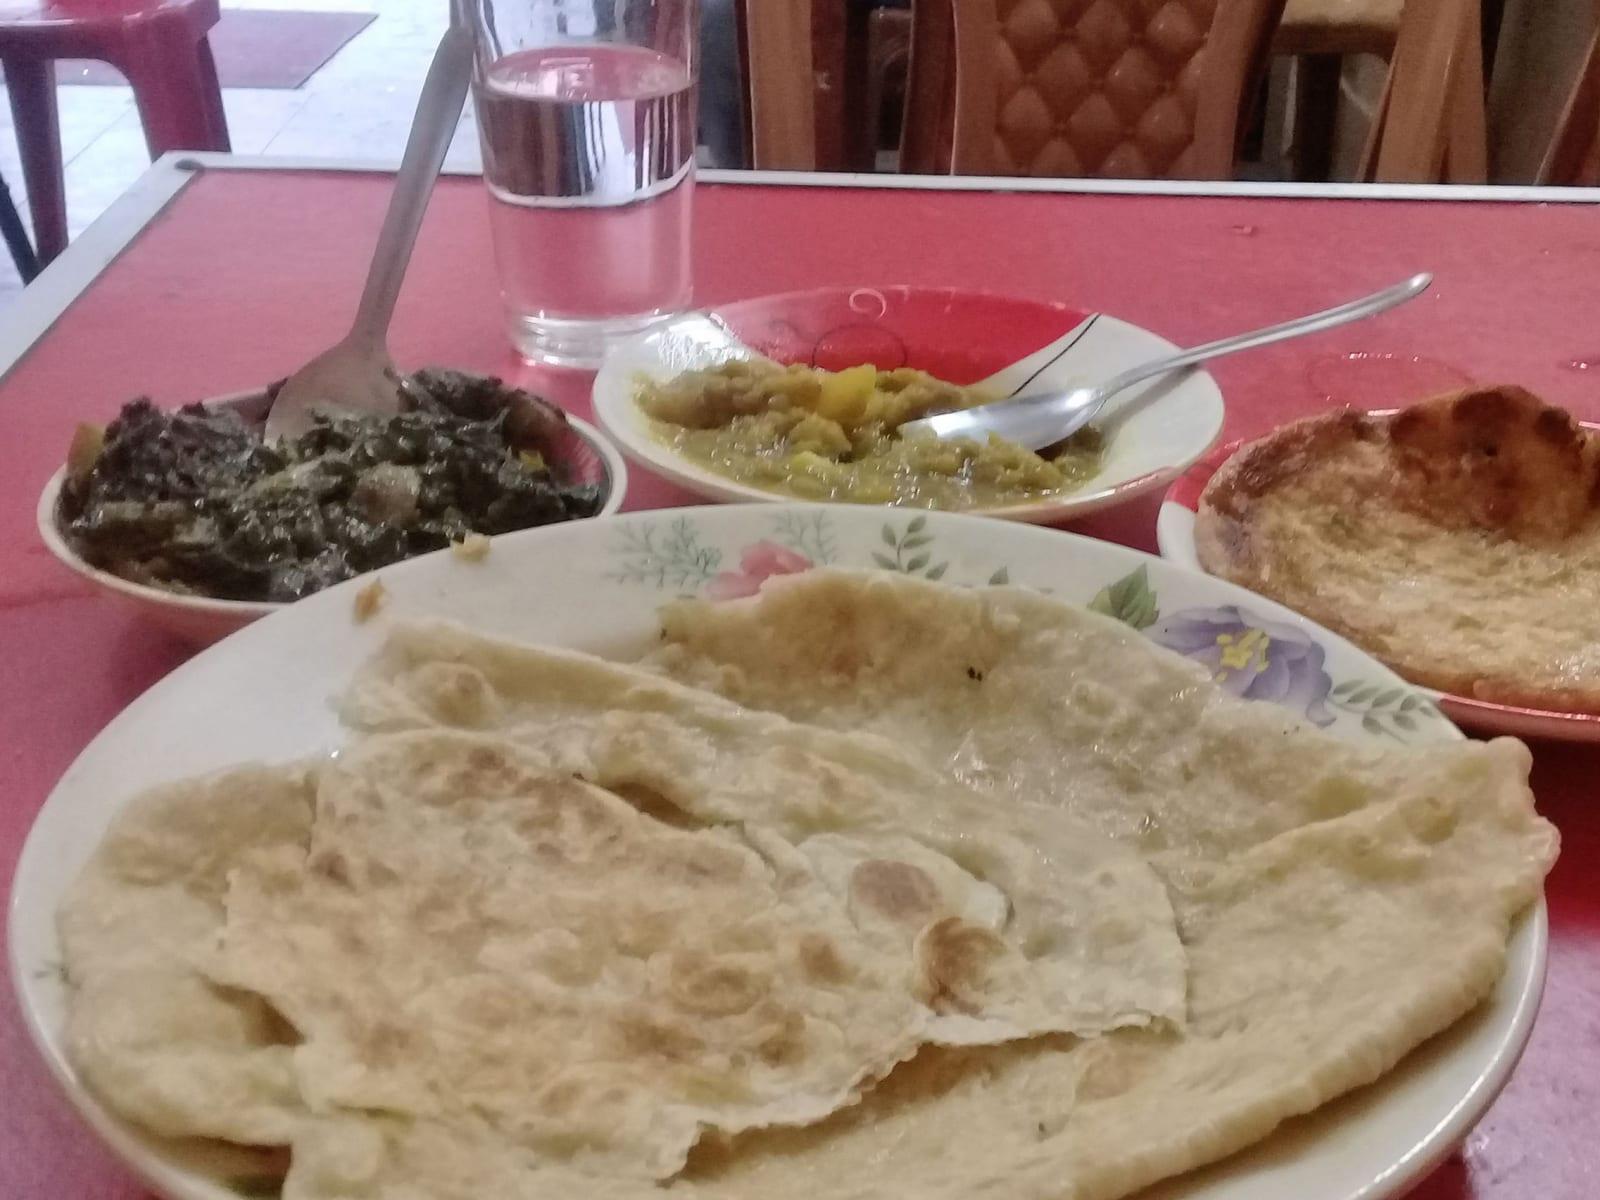 První jídlo po překročení hranic - placky, omeleta, bramborový salát a něco jako špenát, Bangladéš